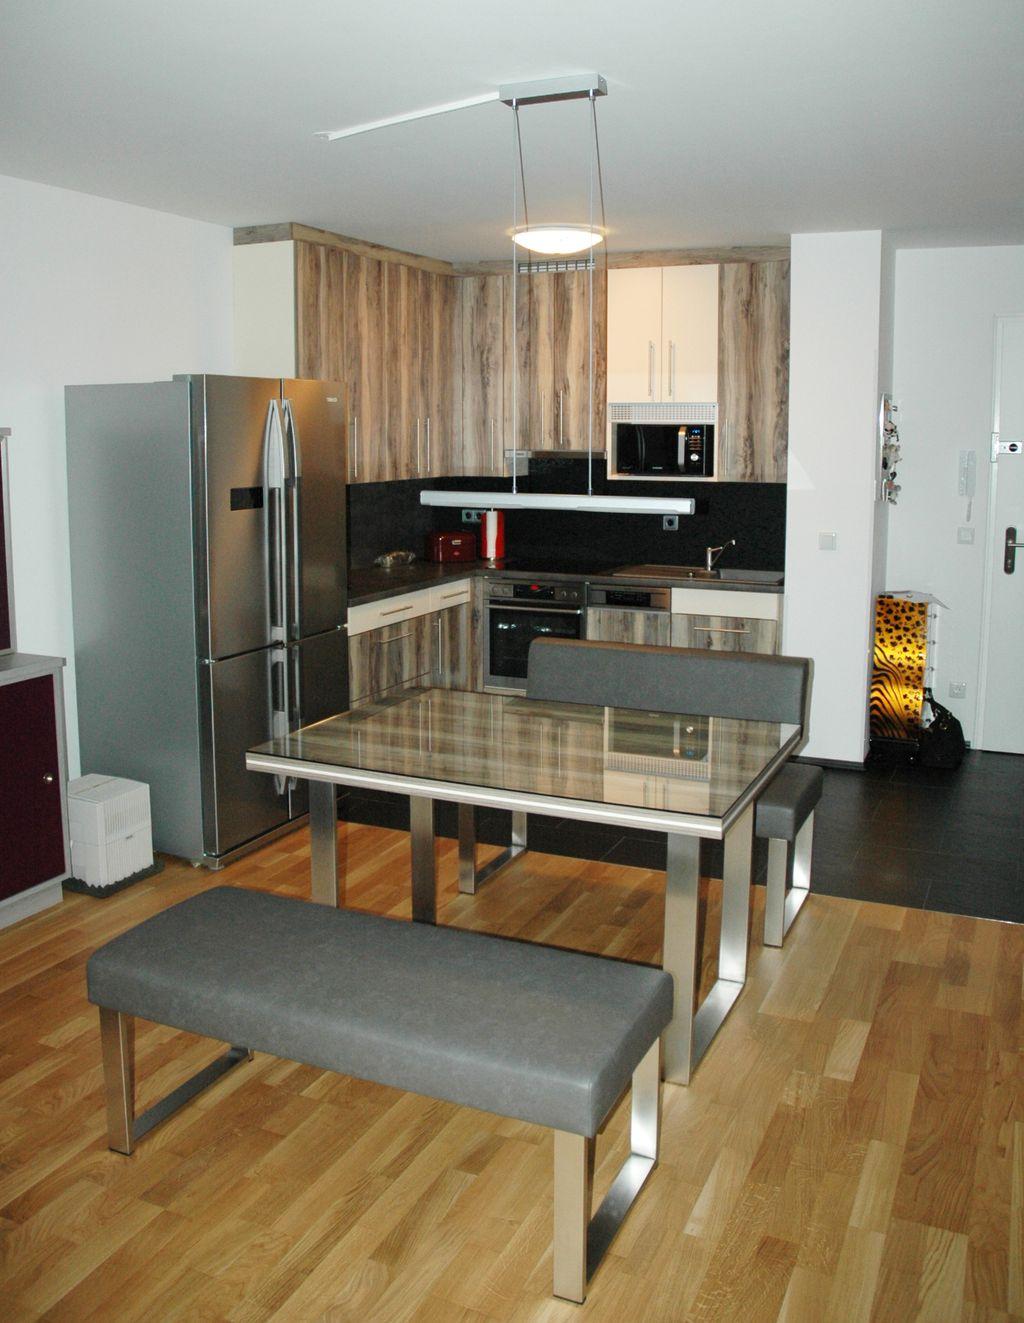 L-Küche mit freistehendem Kühlschrank und Esstisch mit Sitzbank